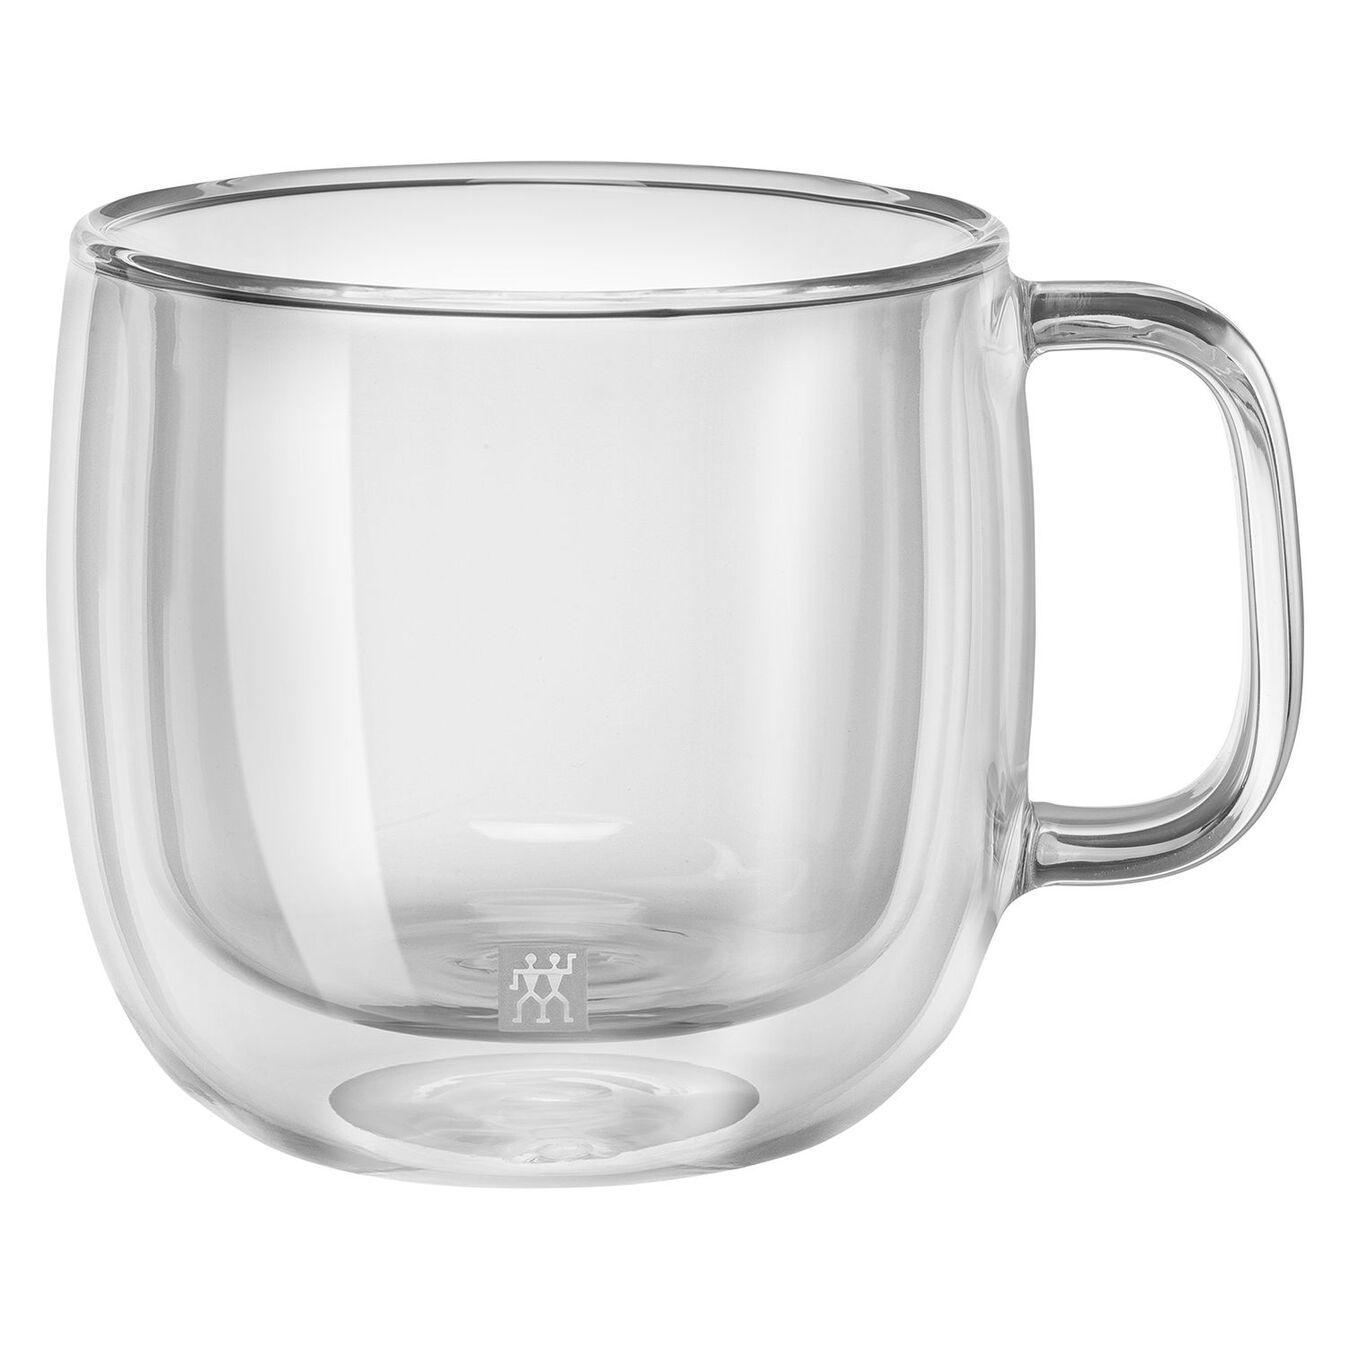 Set di bicchieri da cappuccino - 2-pz., vetro borosilicato,,large 1